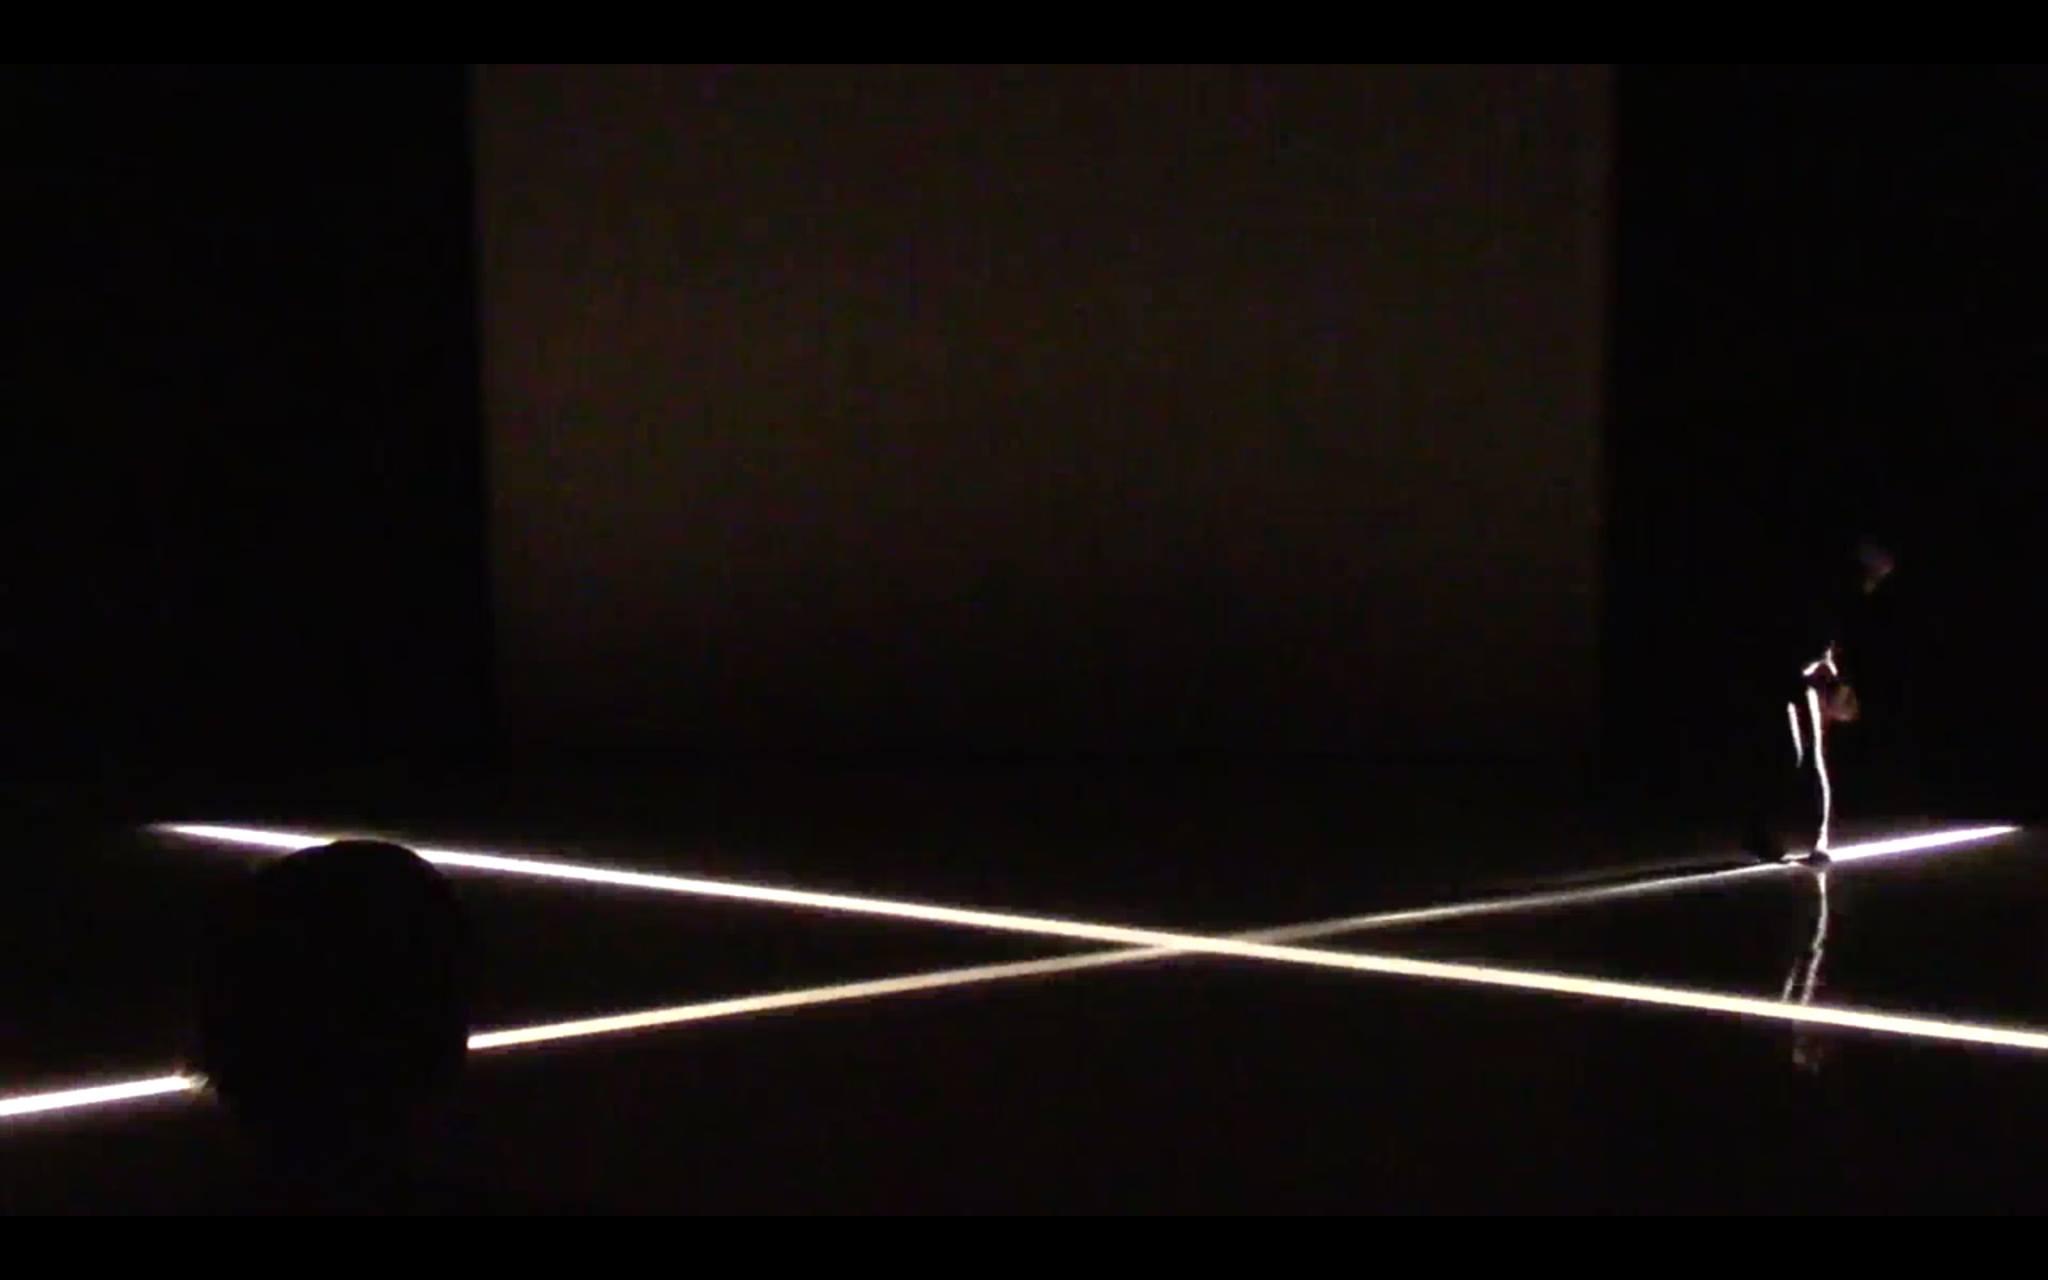 ϕ (phi)-JodieJudyLuYingChu-5-JodieJudyLuYingChu.jpg